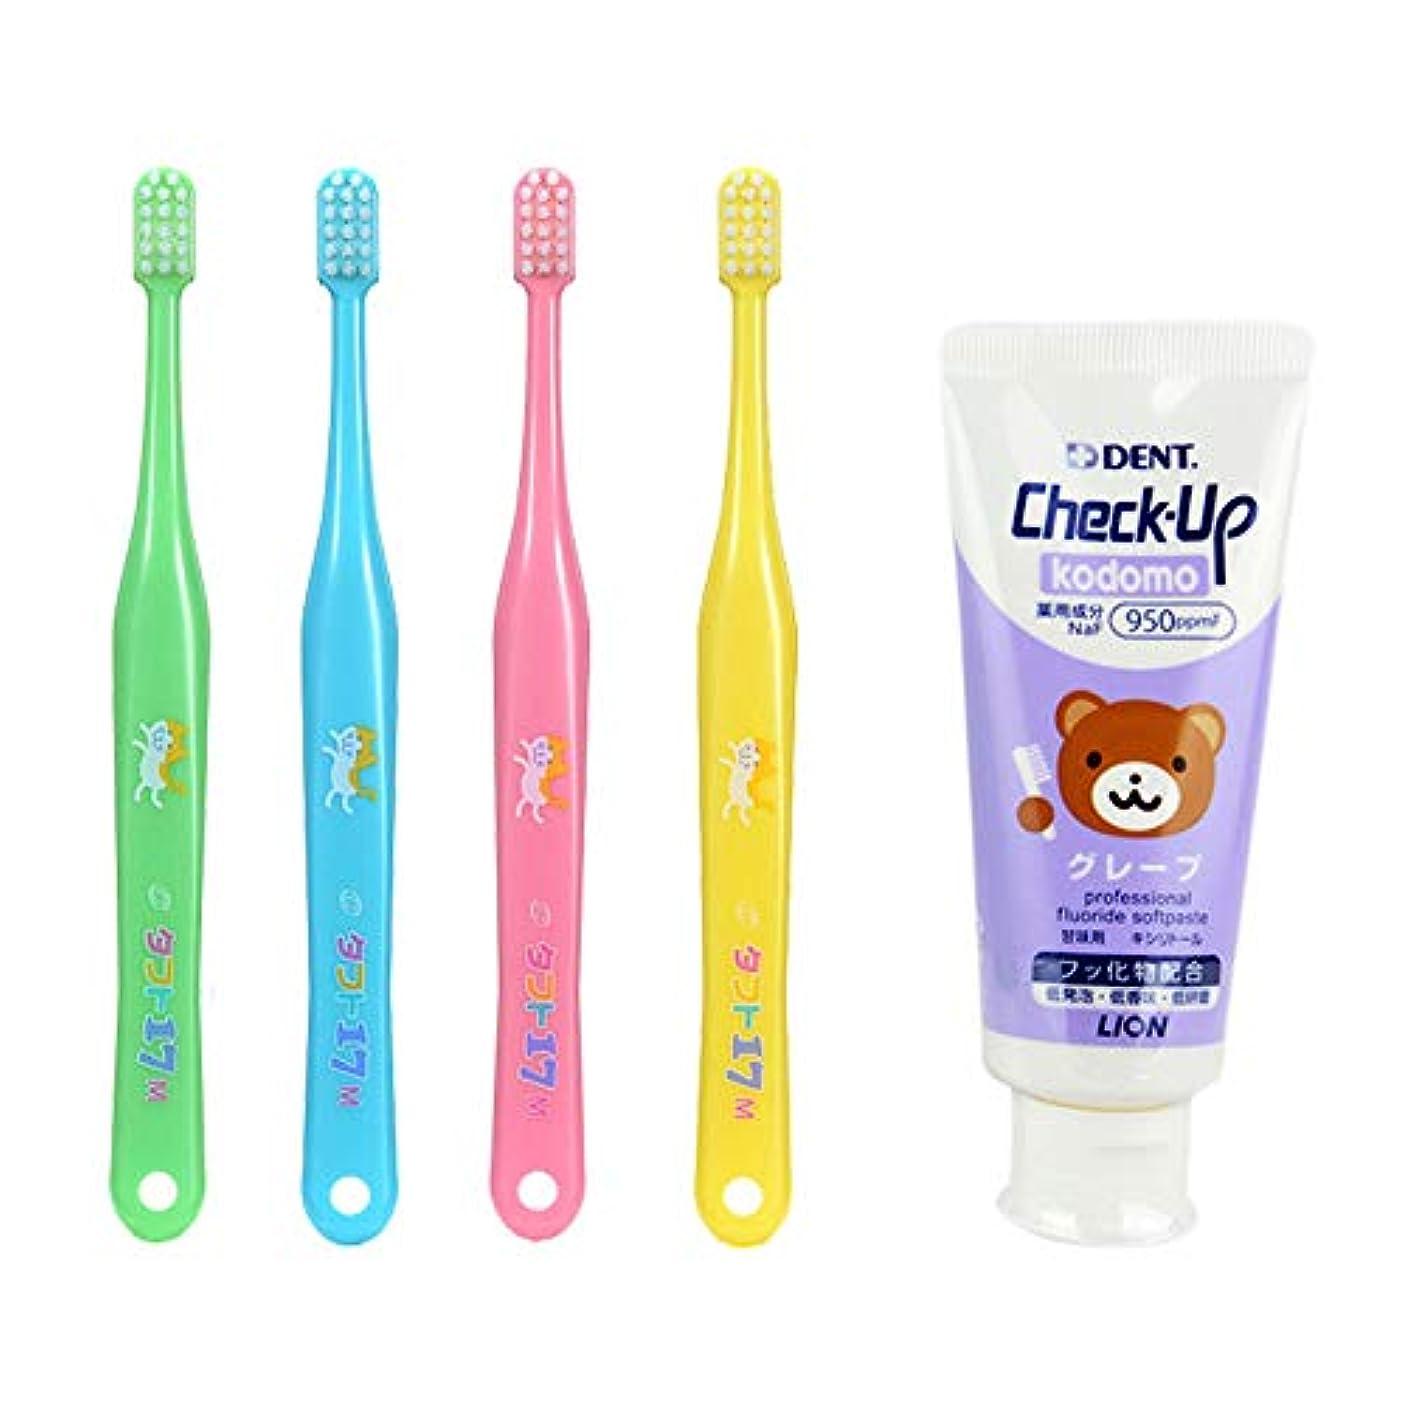 事実ドキュメンタリーラップトップタフト17 M(ふつう) 子ども 歯ブラシ 10本 + チェックアップ コドモ 60g (グレープ) 歯磨き粉 歯科専売品